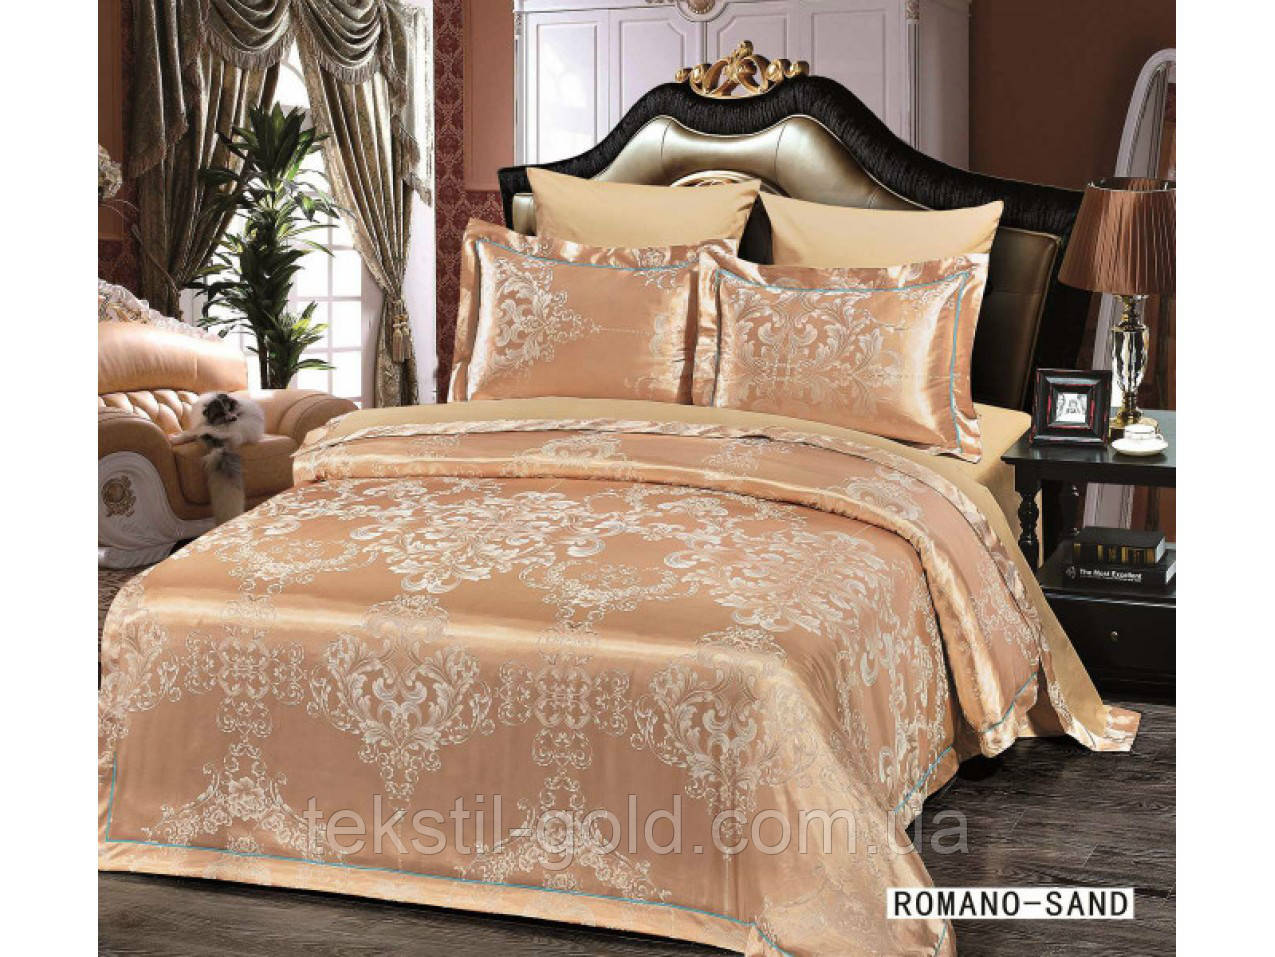 Комплект постельного белья 6 Предметов ТМ ARYA (Турция) Жаккард 2 Сп. евро 200Х220 Romano